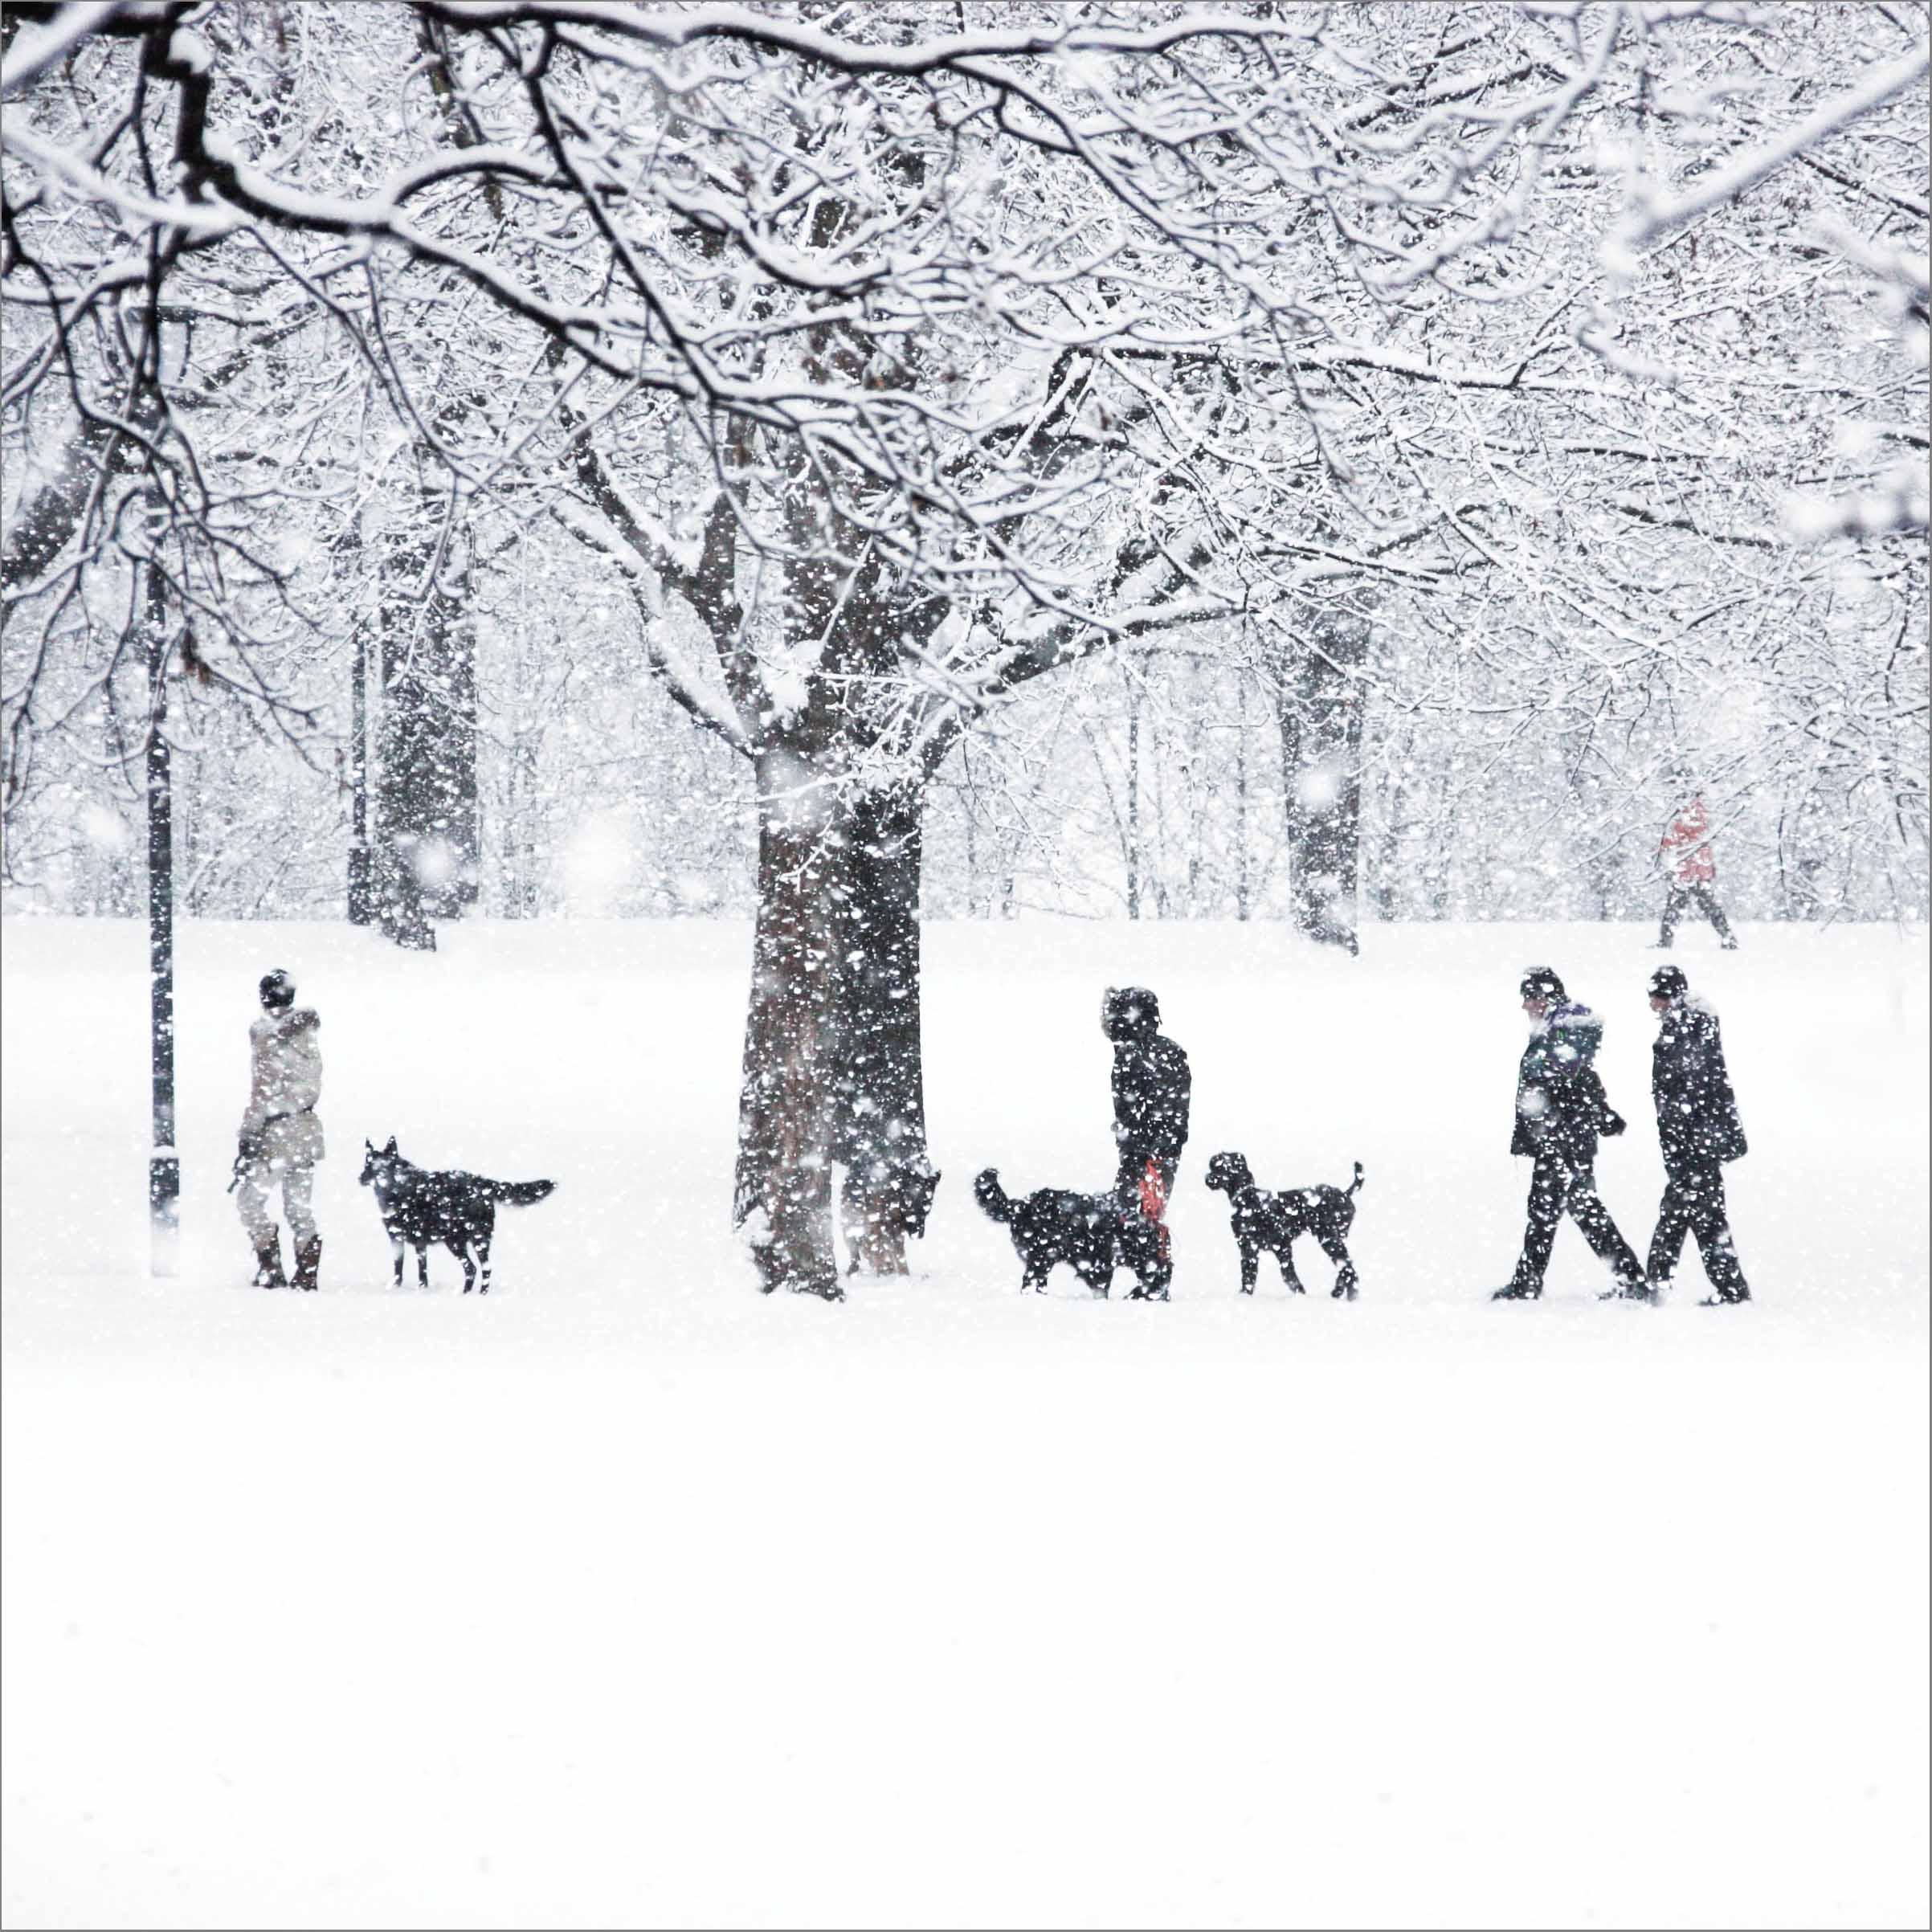 vinter i parken_4.jpg